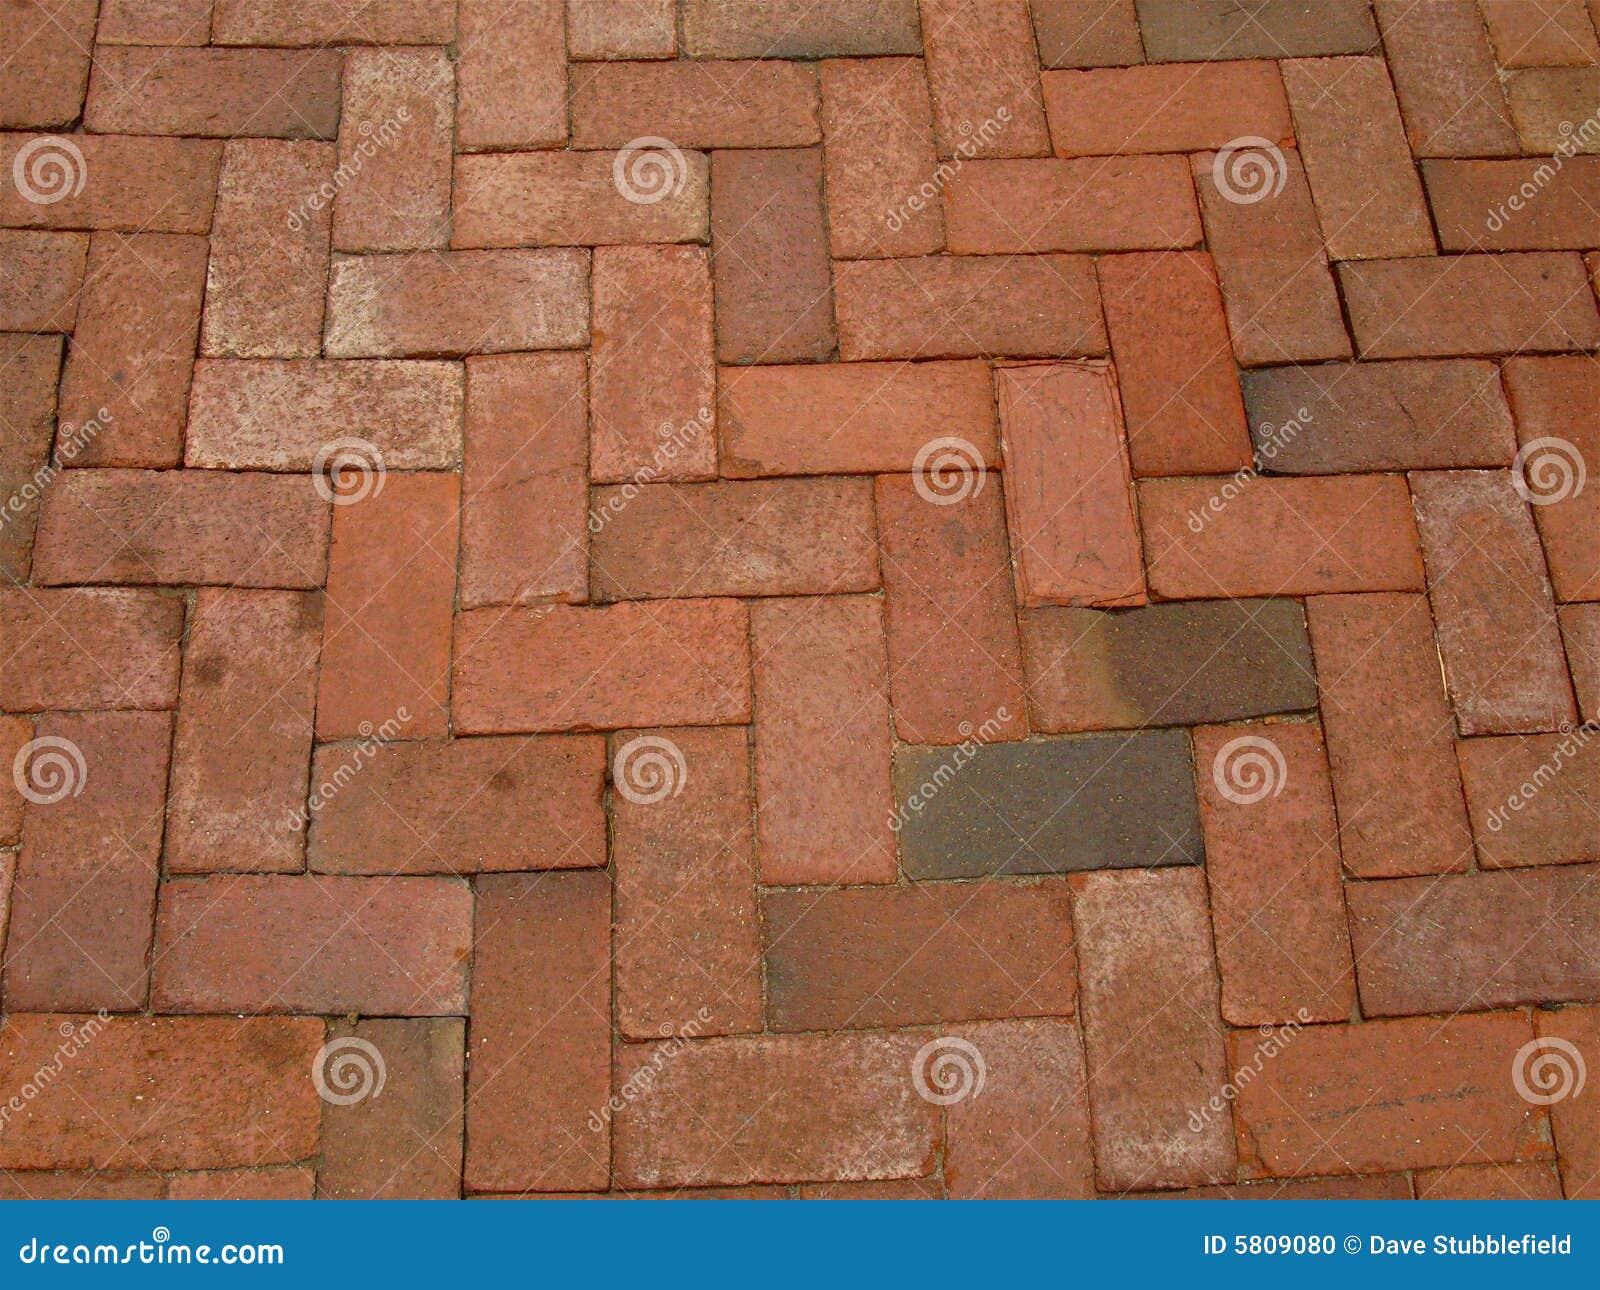 rouge brique trottoir photo stock image du brique fond 5809080. Black Bedroom Furniture Sets. Home Design Ideas